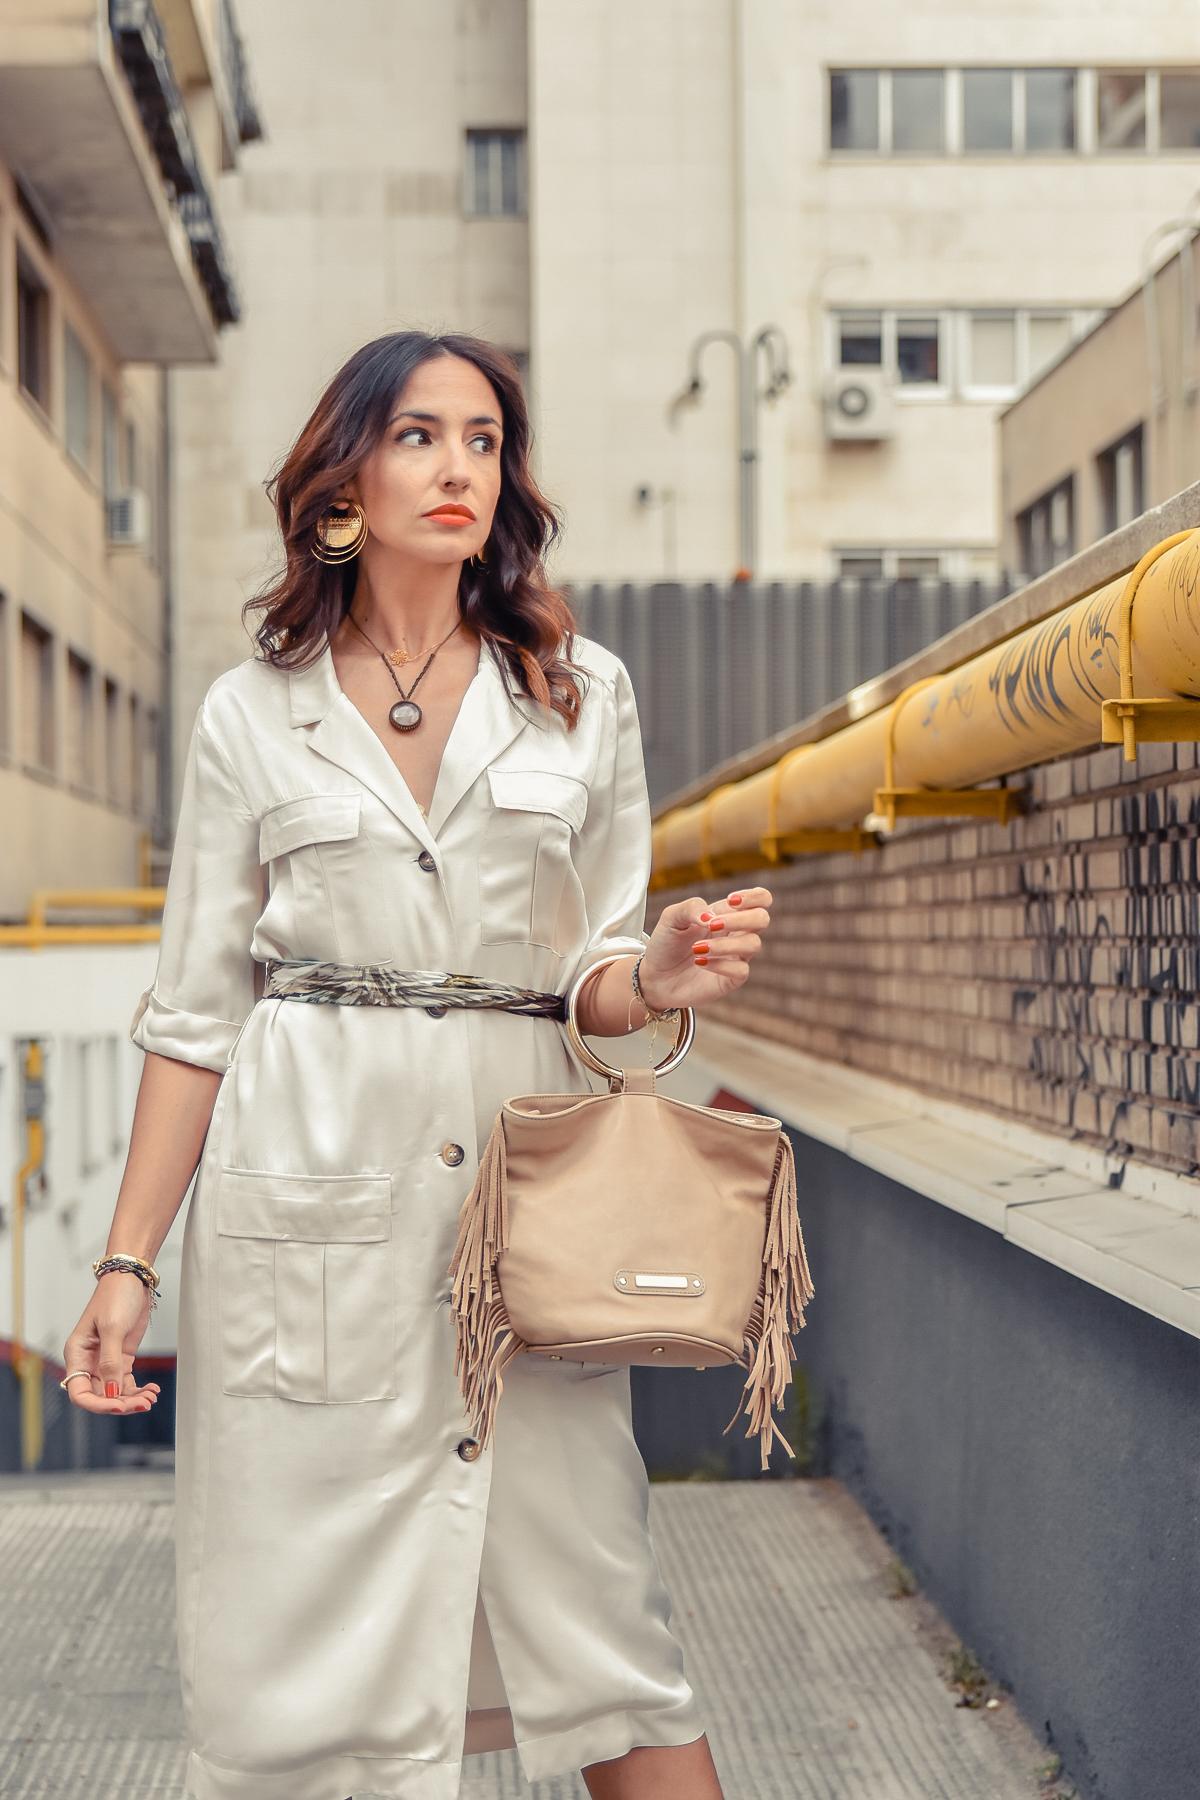 el-blog-de-silvia-look-safari-vestido-beige-botines-animal-print-03